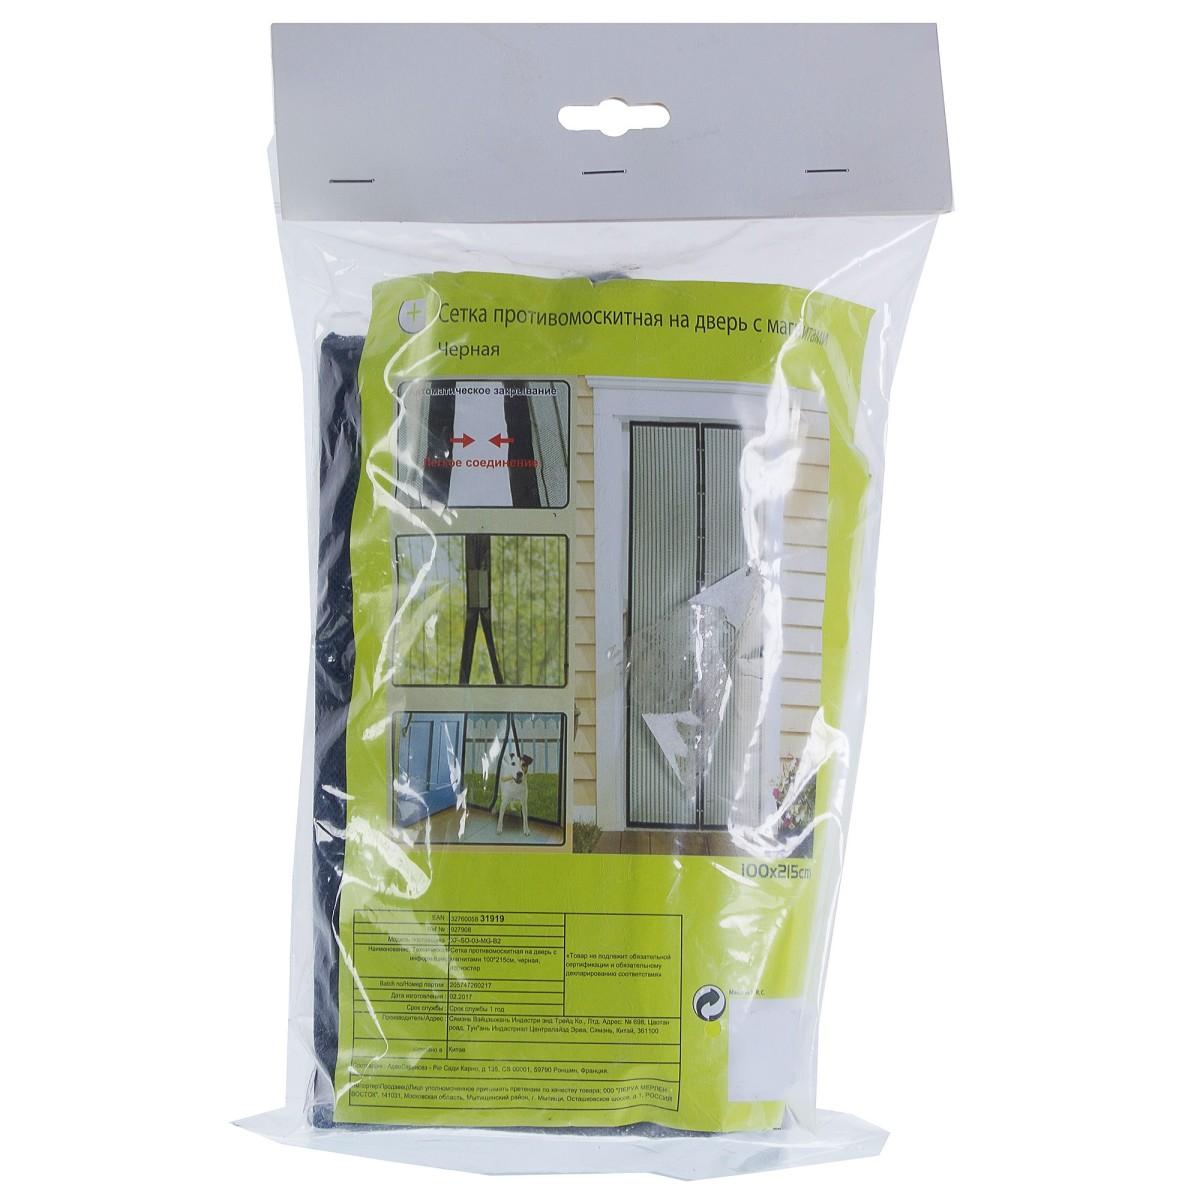 Набор для павильона сетка антимоскитная  дверь магнитная 100х215 см цвет черный